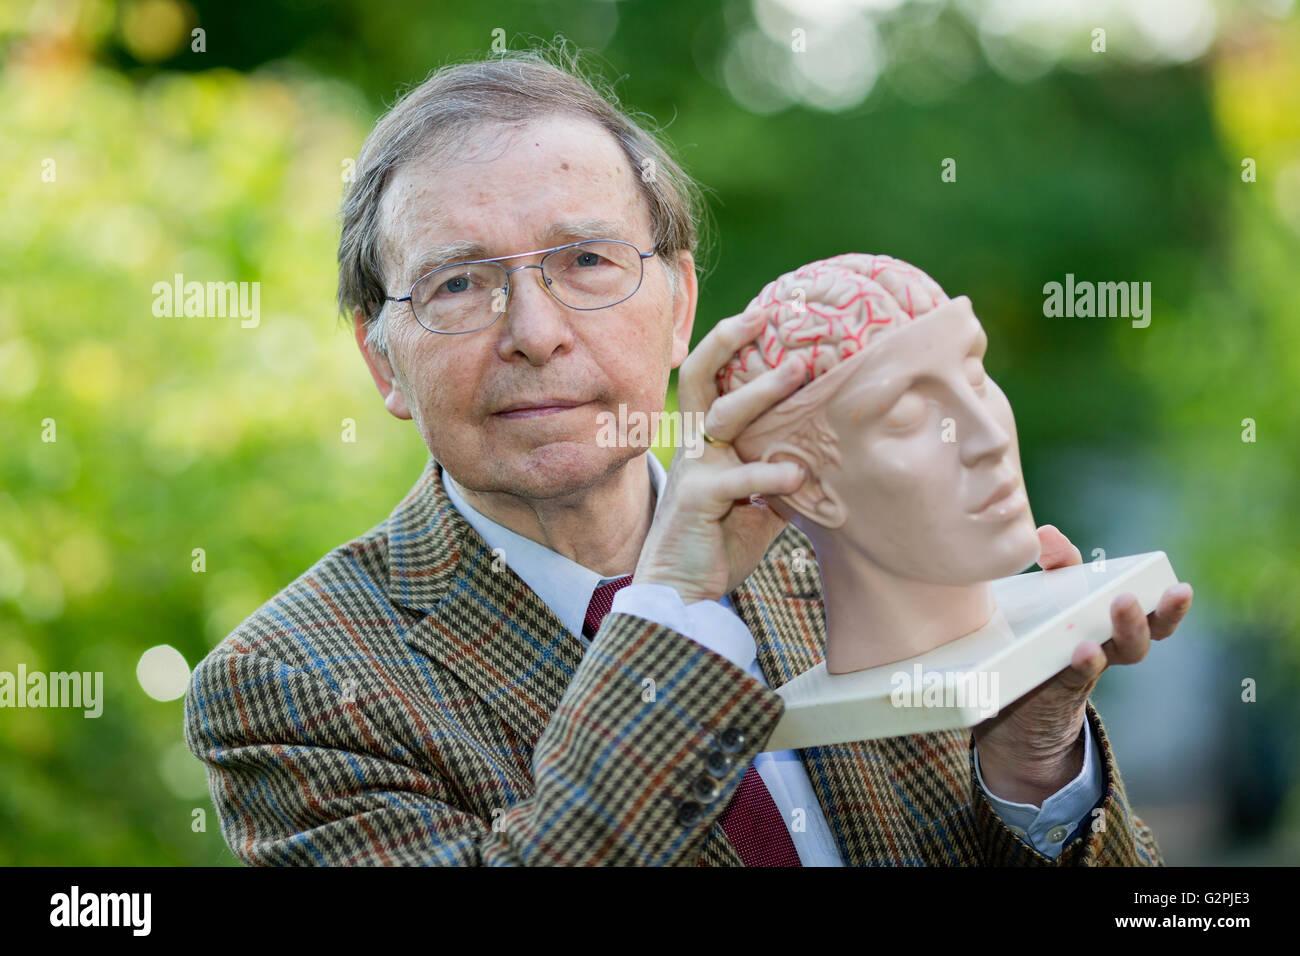 Erlangen, Germany. 31st May, 2016. The President of the Society for Brain Training e.V., Siegfried Lehrl, posing - Stock Image